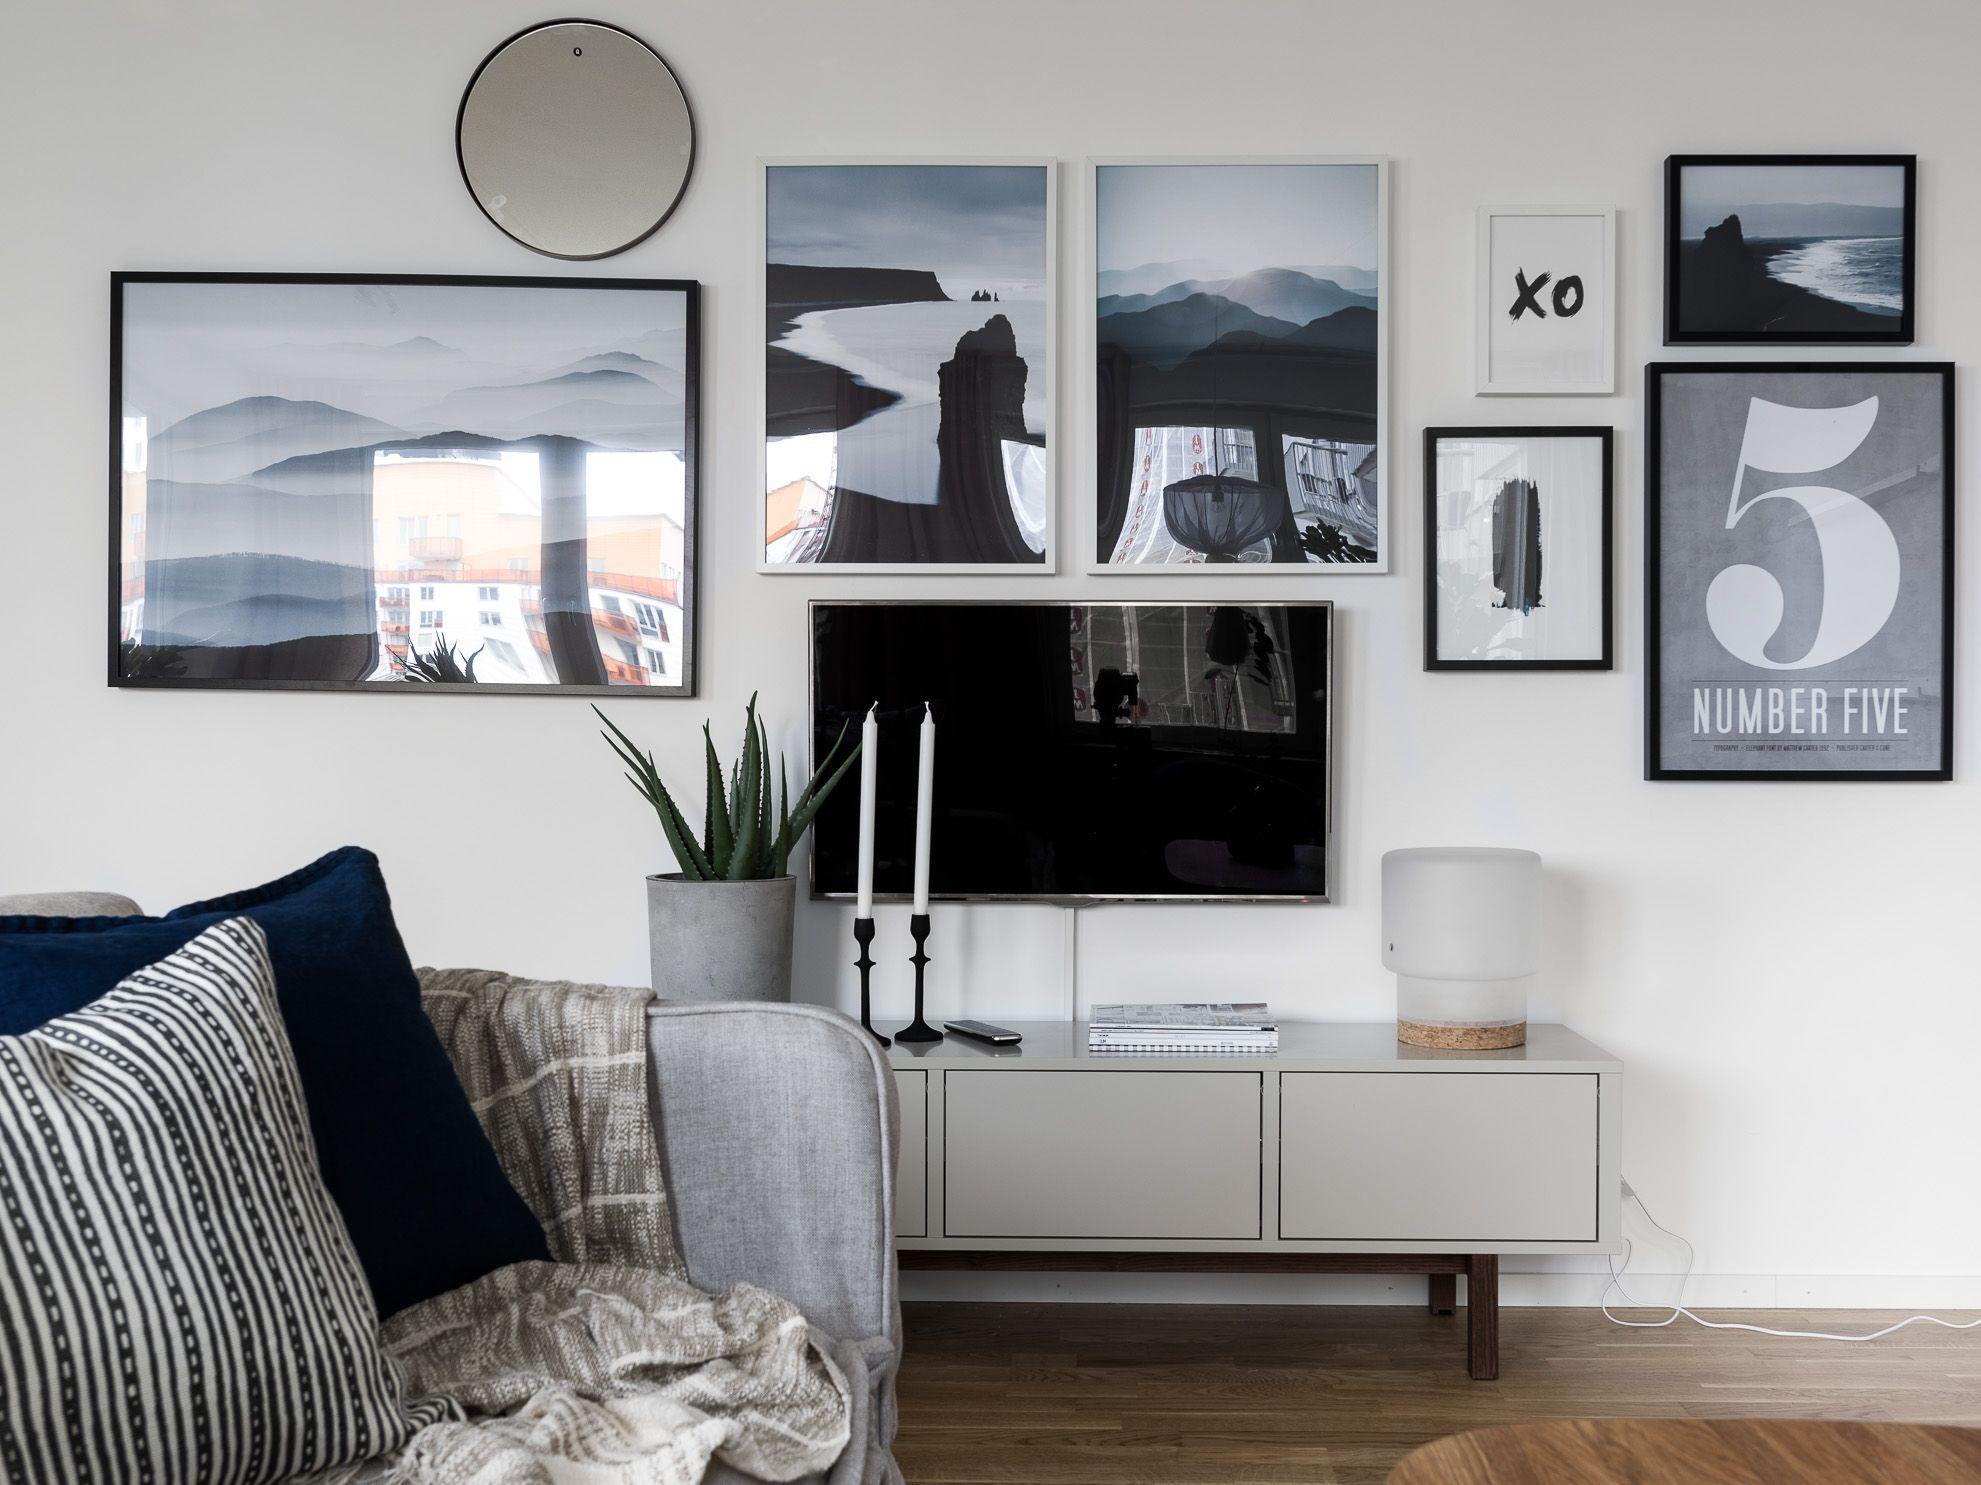 ikea 'stockholm' fernsehstand mit bildern  wohnzimmer